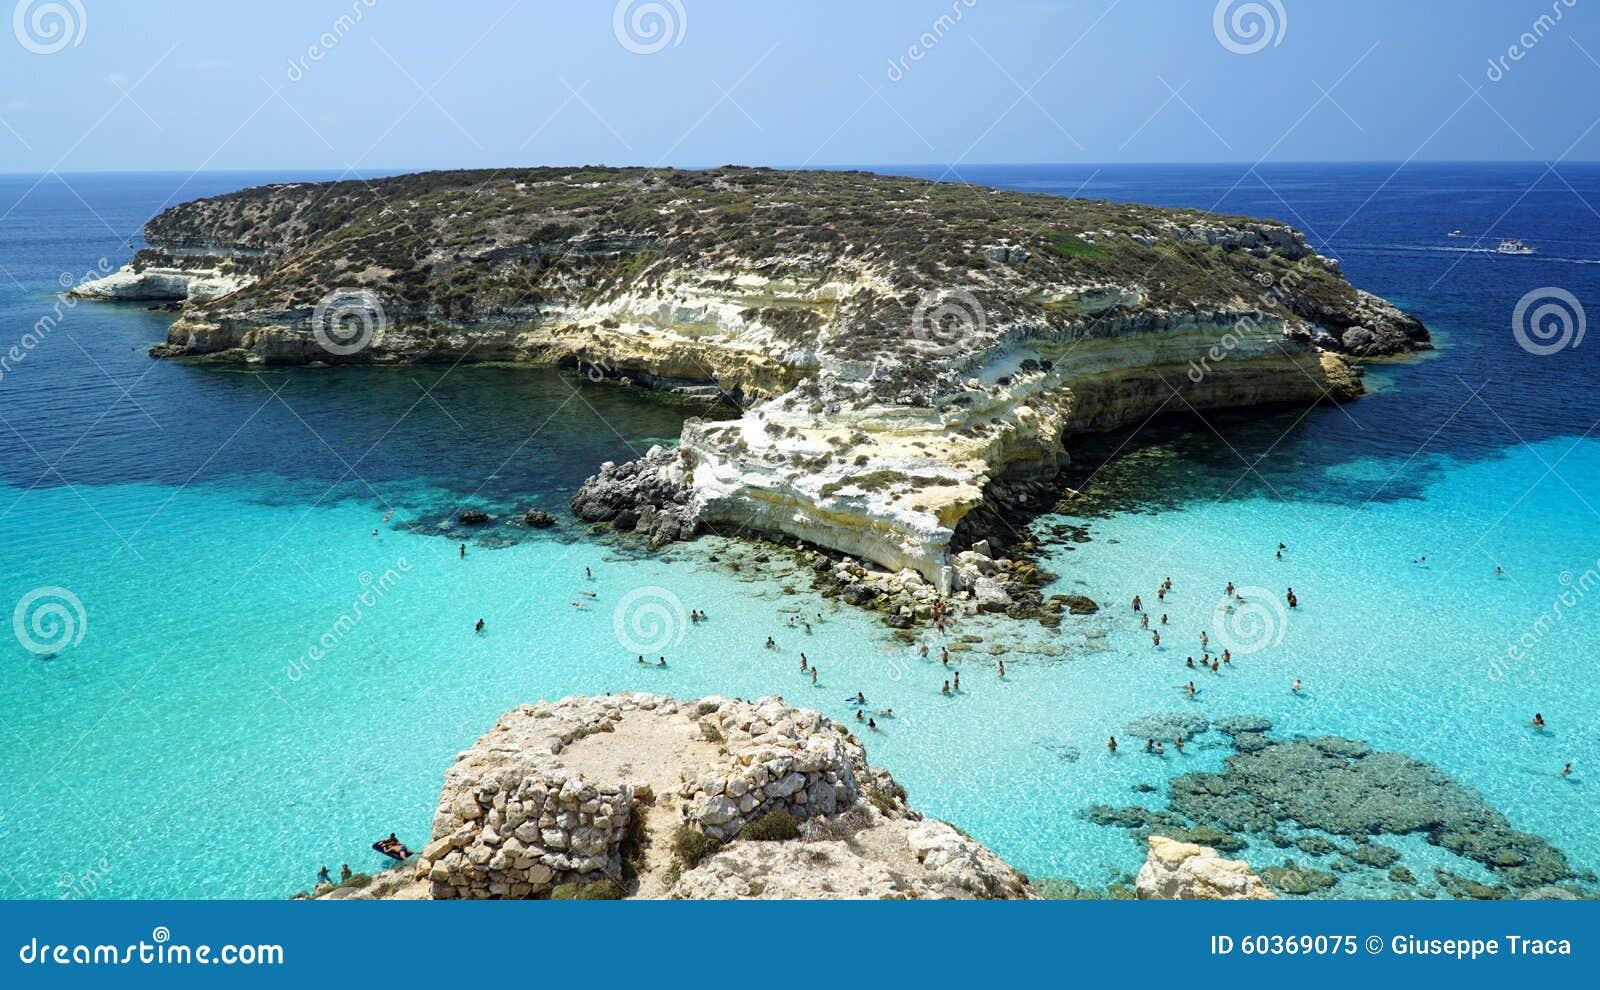 The Rabbits Island / Isola dei Conigli, Mediterranean sea